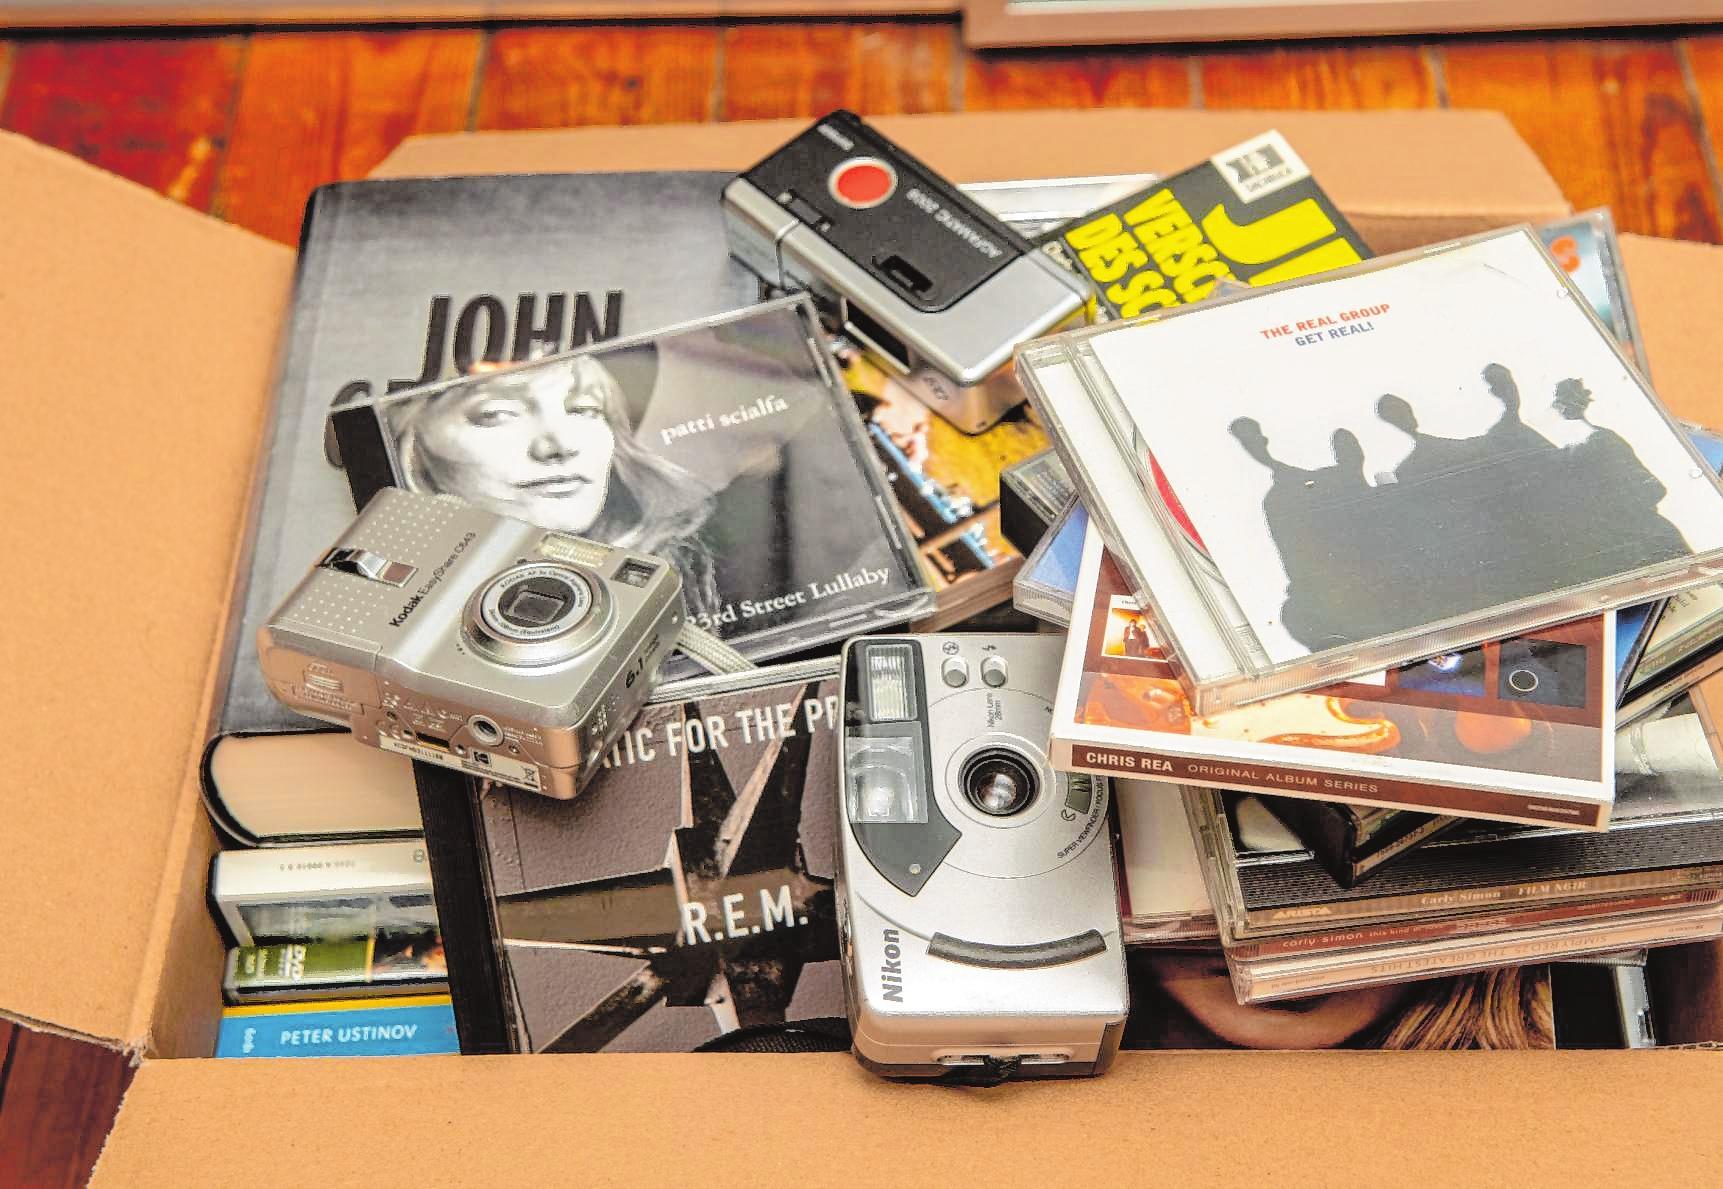 Alte CDs, Kompaktkameras oder Zeitschriften – alles muss raus im Hause Neu.| Bild: Thomas Neu